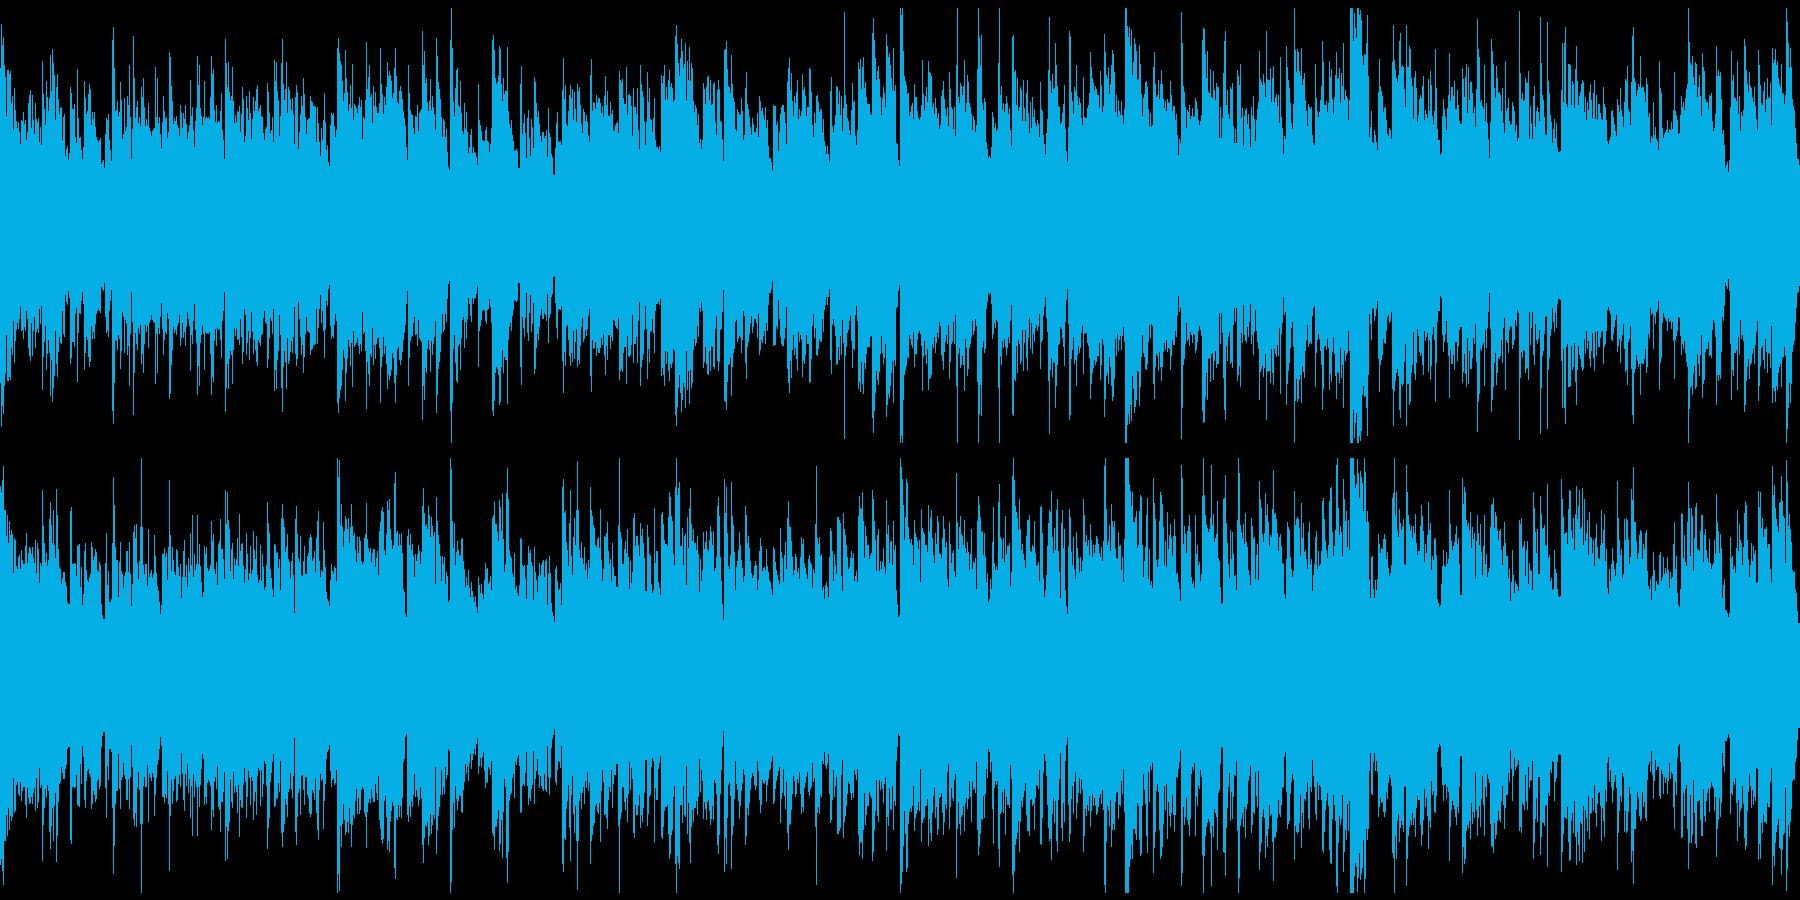 篠笛生演奏、のどかで綺麗な和風※ループ版の再生済みの波形